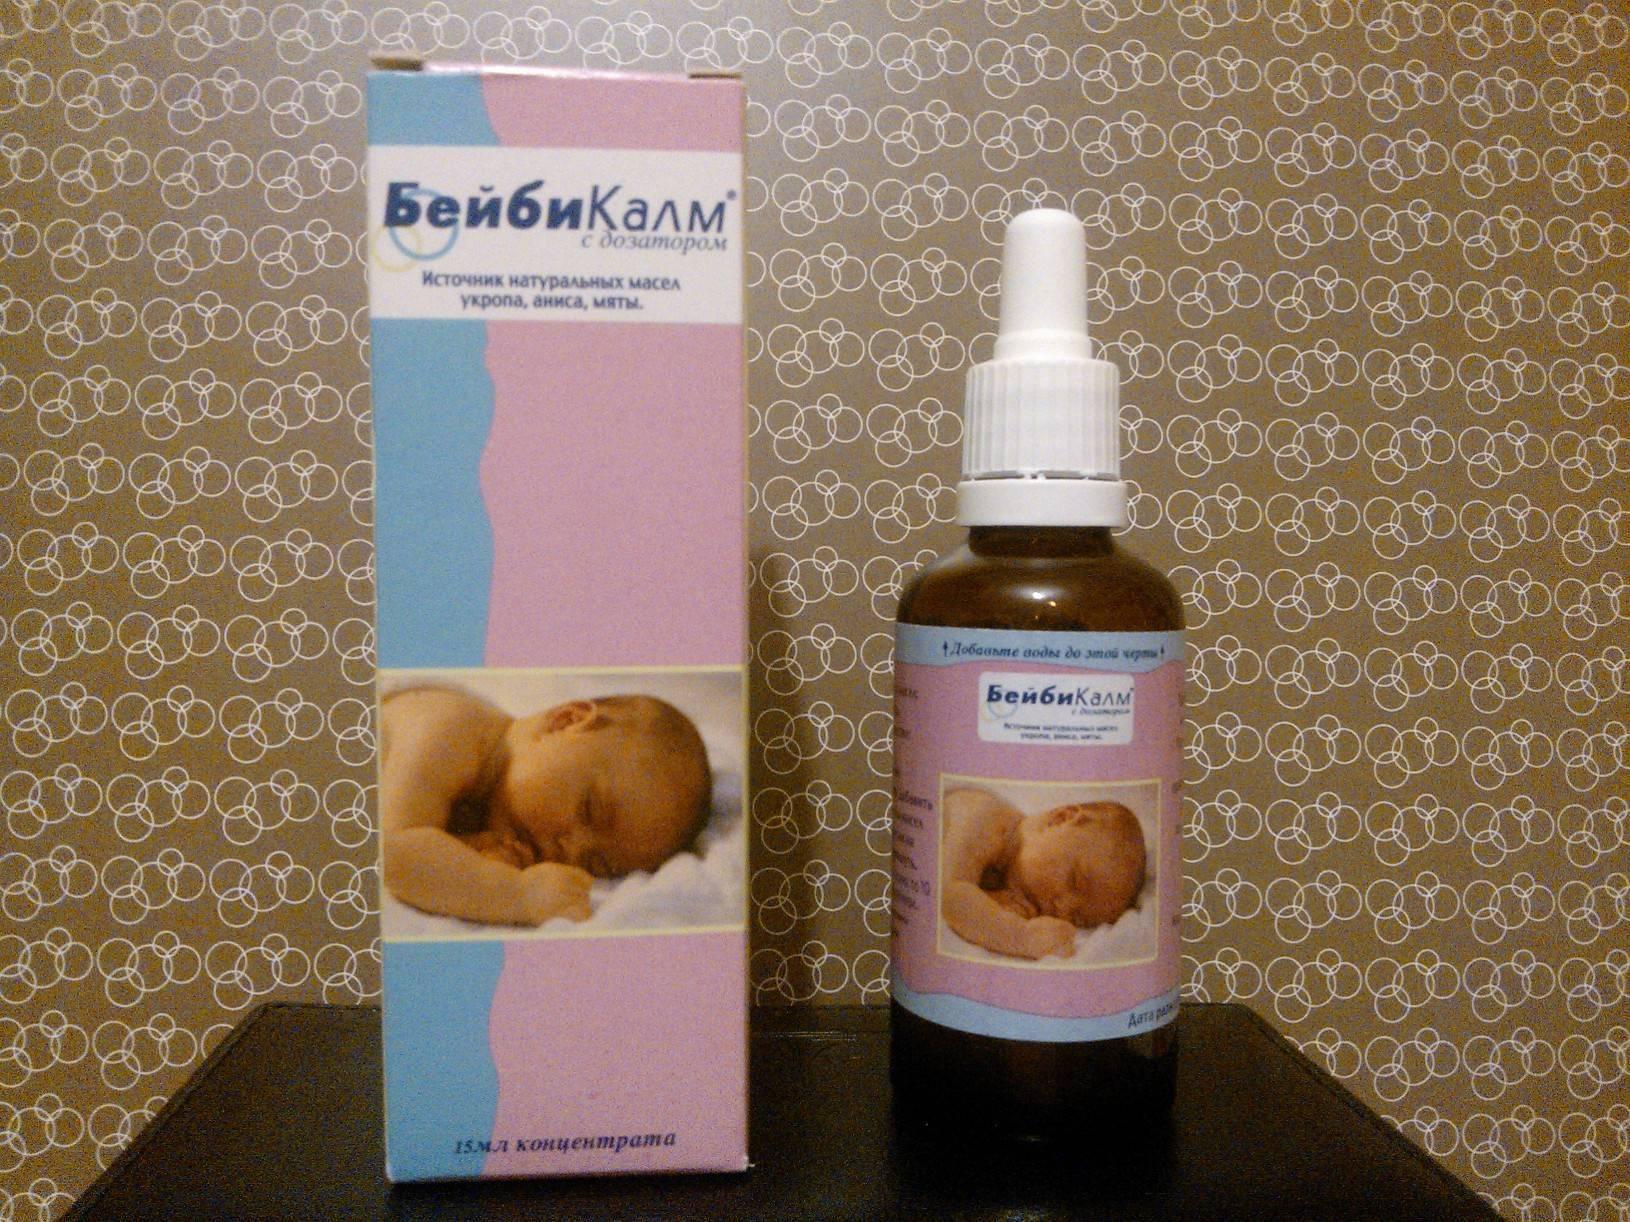 Метеоризм у кормящей мамы передается ребенку через молоко - болезнижкт